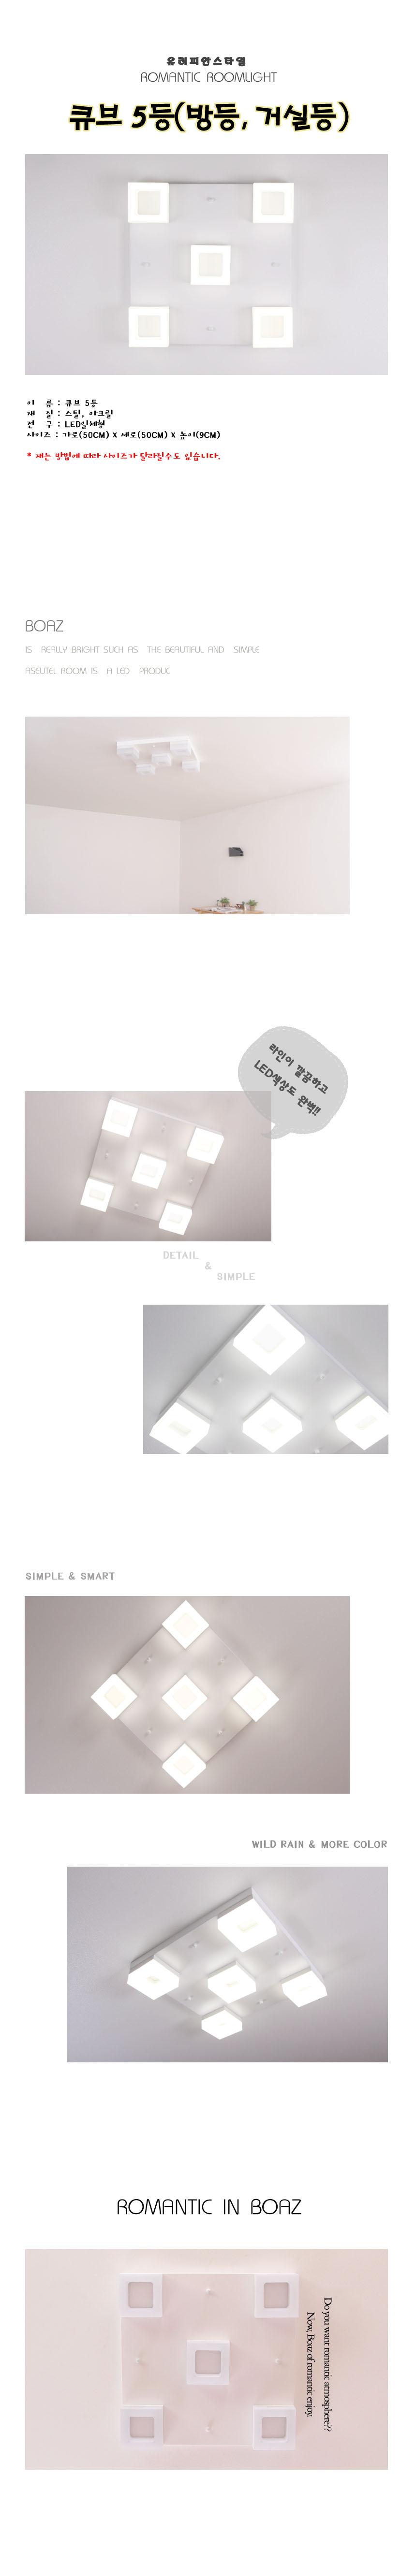 boaz 큐브5등 LED 방등 거실등 - 보아스라이팅, 96,000원, 리빙조명, 방등/천장등